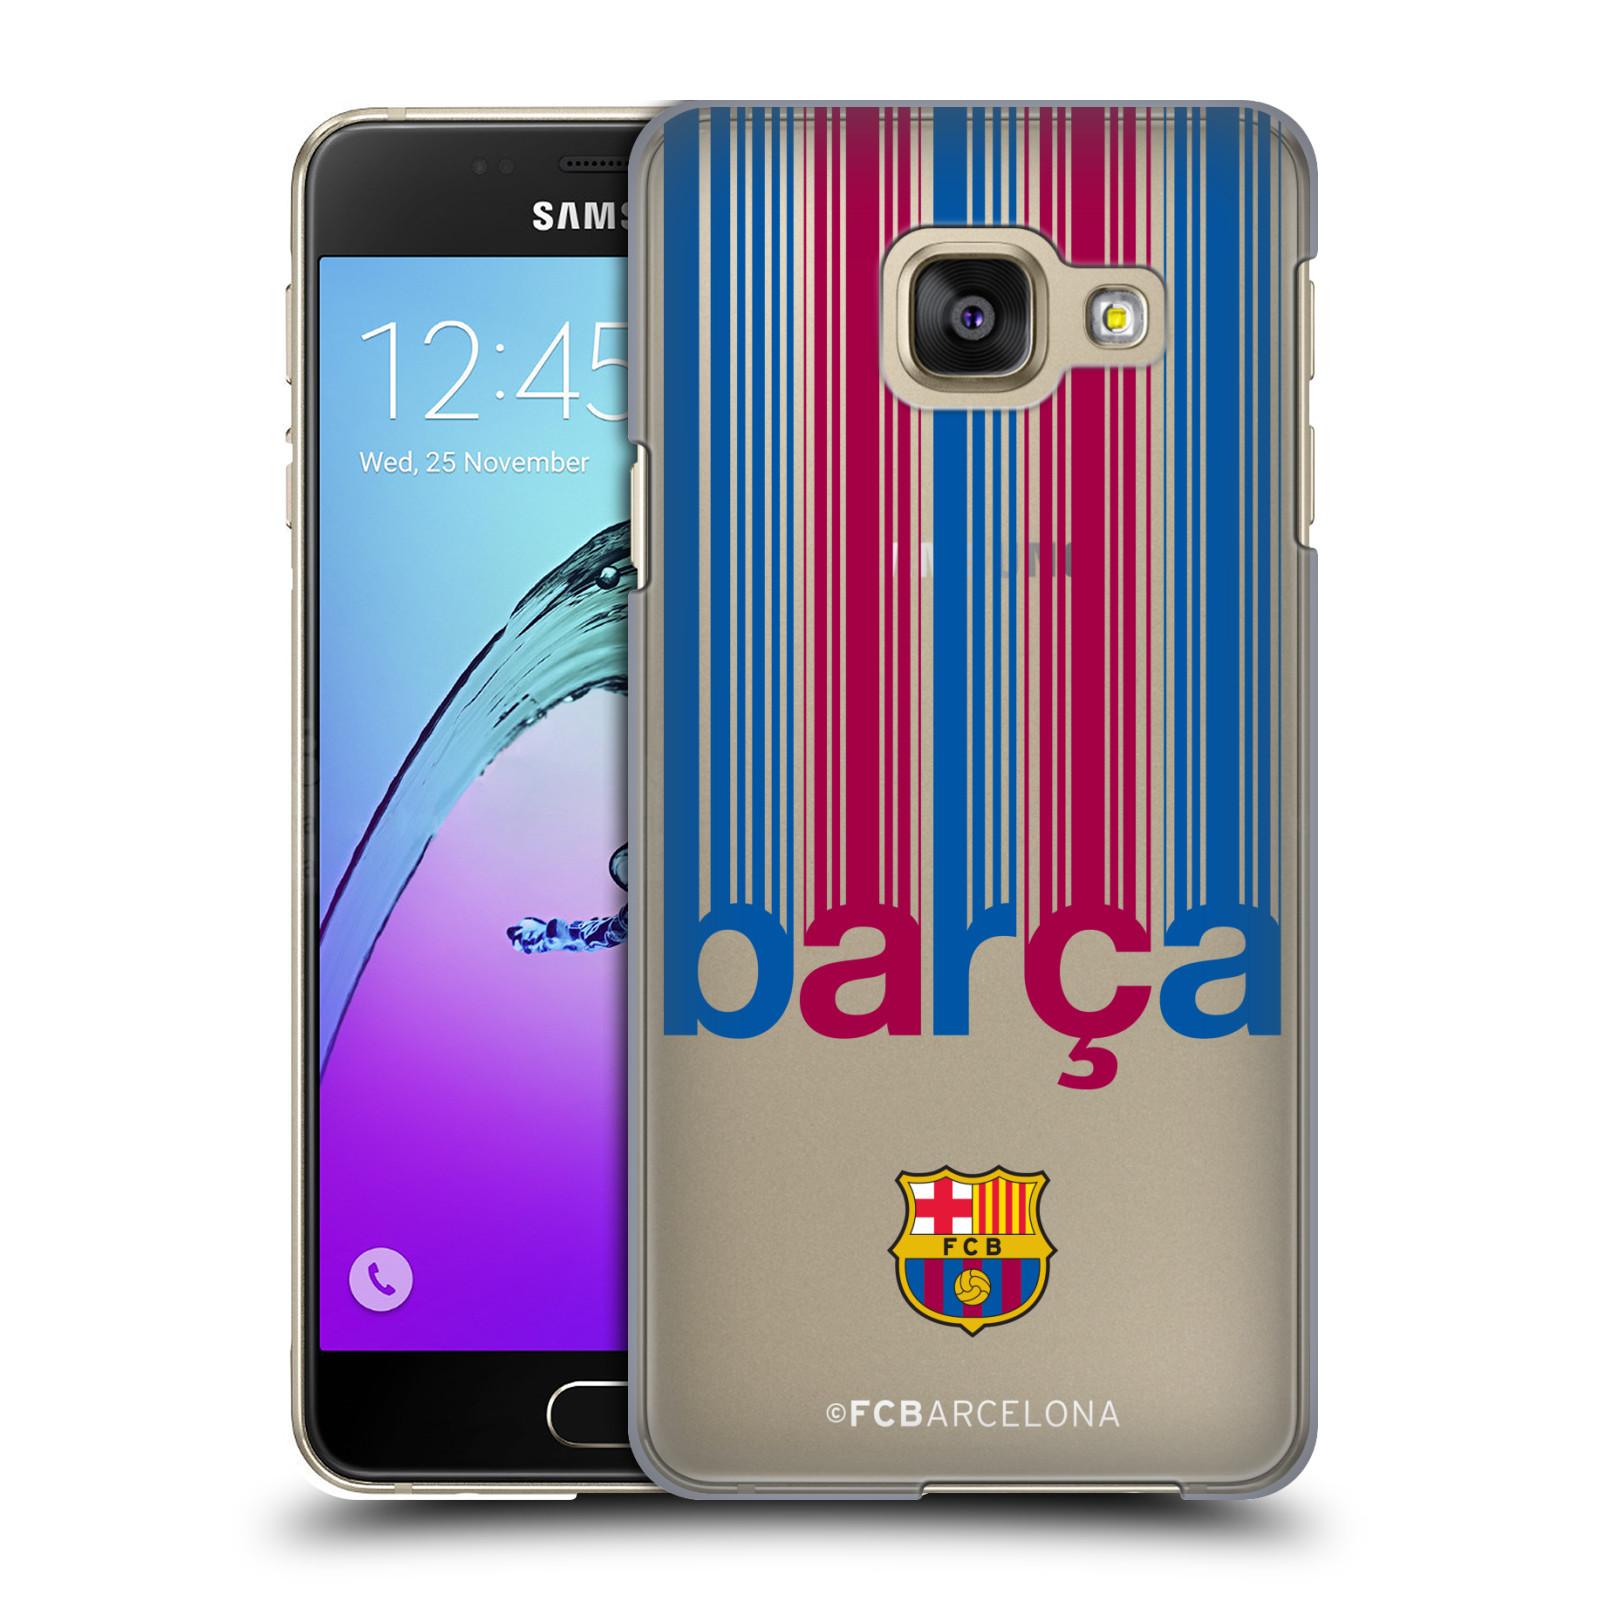 Plastové pouzdro na mobil Samsung Galaxy A3 (2016) - Head Case - FC Barcelona - Barca - čiré